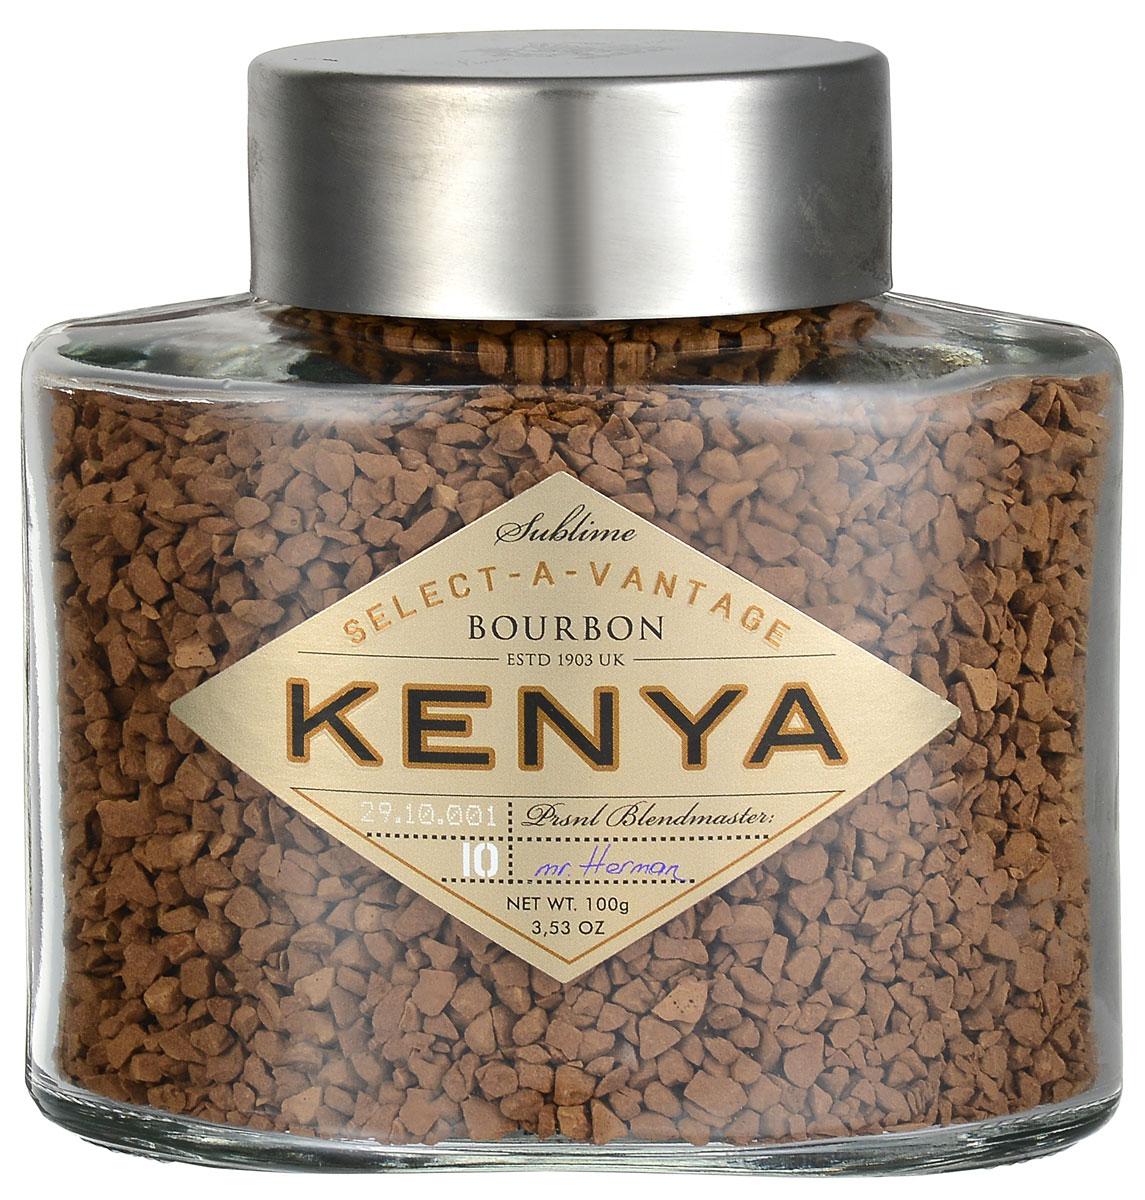 Bourbon Select-a-Vantage Kenya кофе растворимый, 100 г4607141337383На аукционе в Найроби отобрали редкие крупные зерна арабики, выросшей на восточном склоне горы Элго. Вот почему кофе Bourbon Select-a-Vantage Kenya имеет такой,особенный, умеренно винный привкус, с легкой пряностью и апельсиновым оттенком.